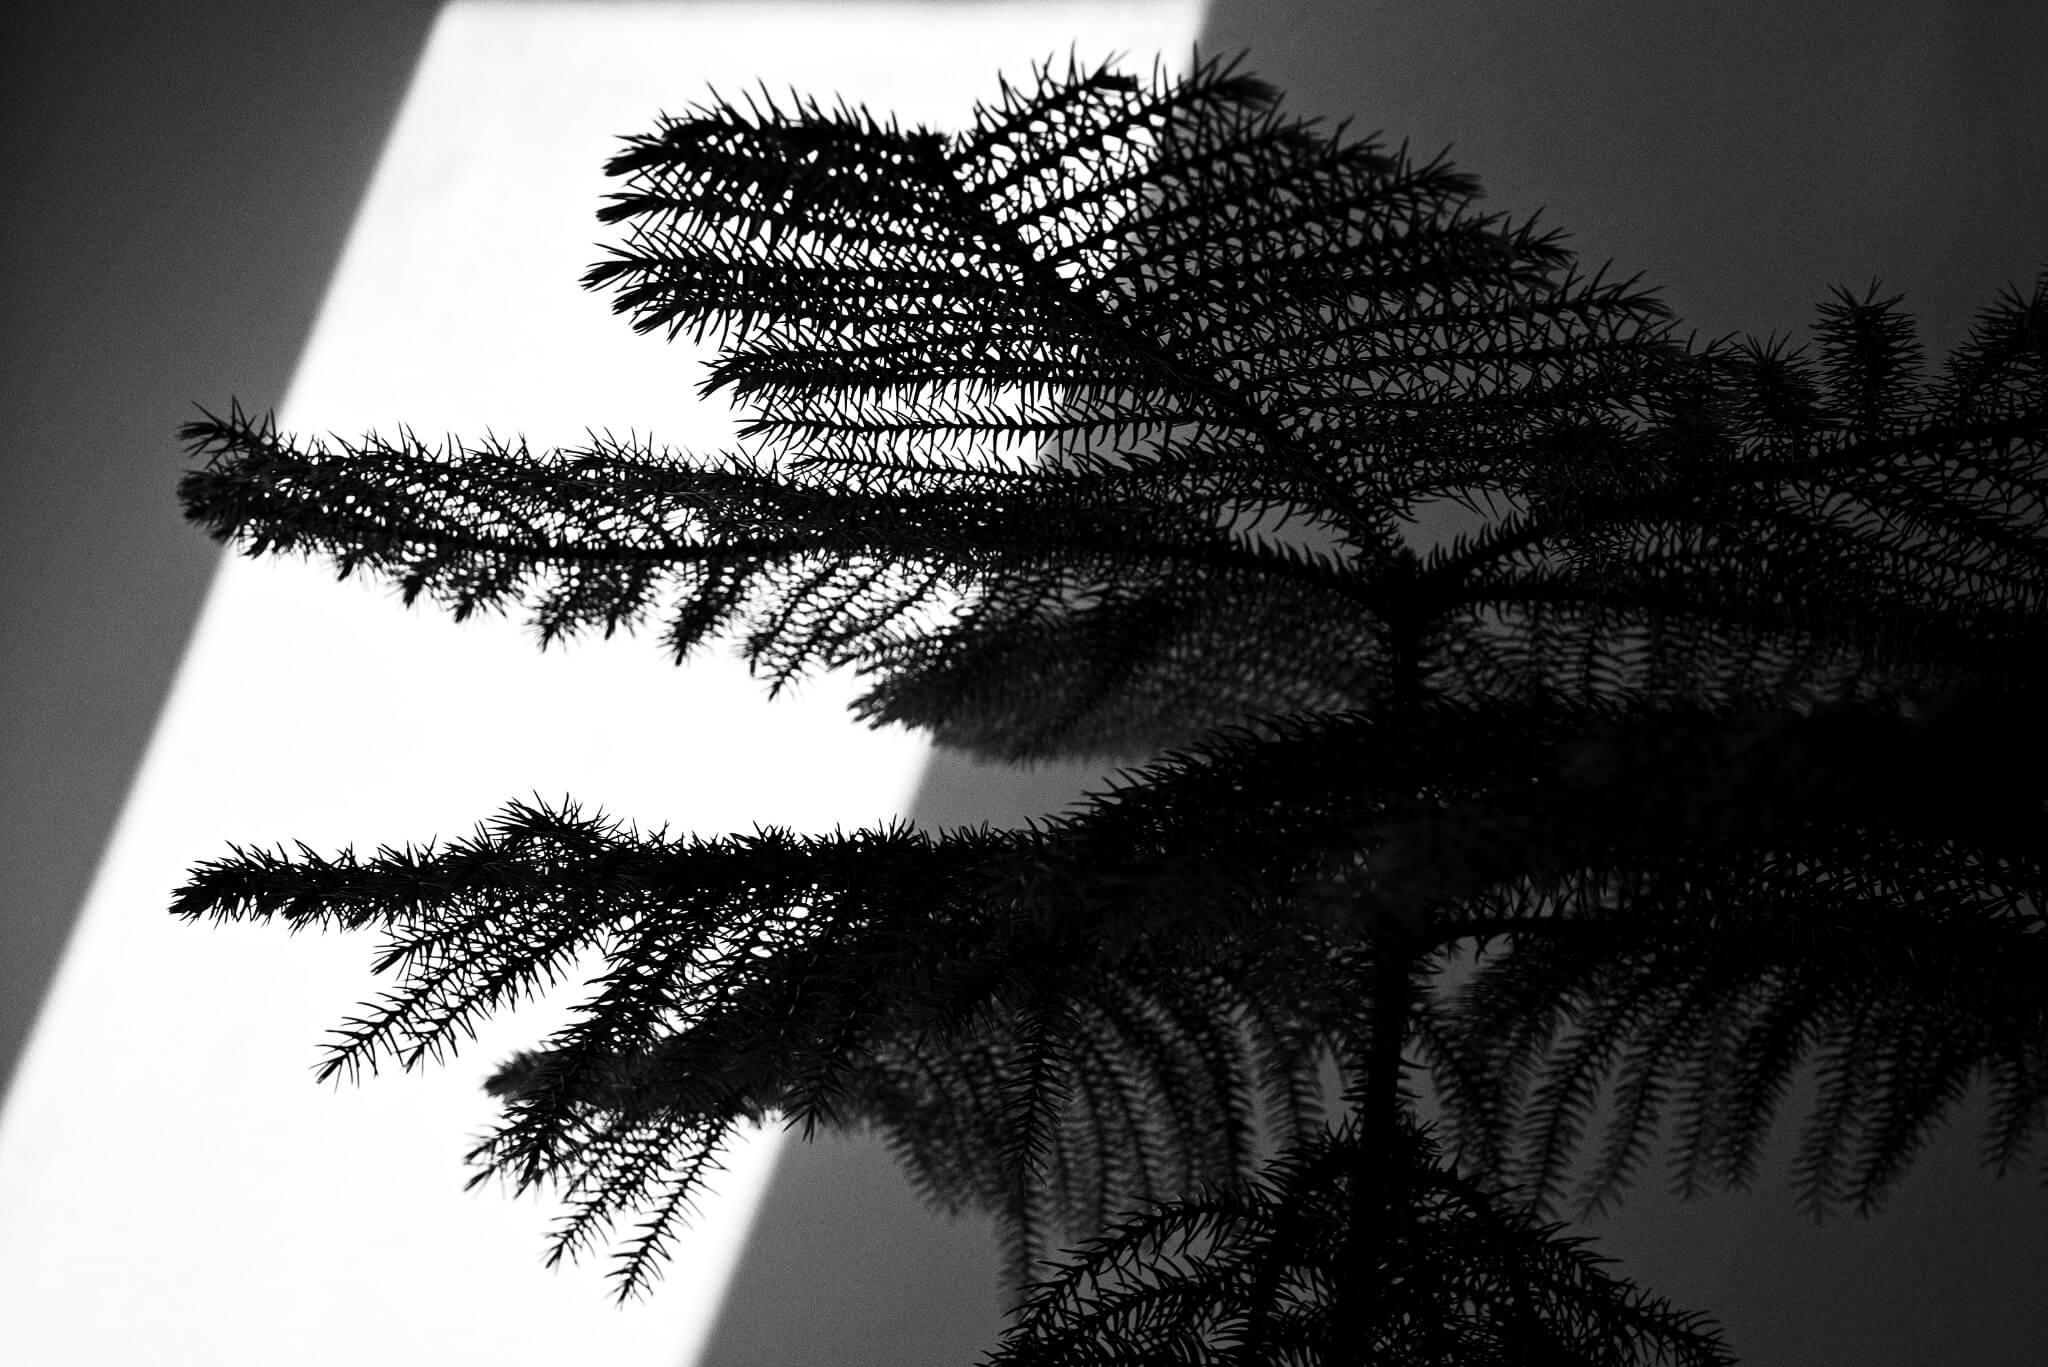 Jen tvary, světla a stíny… | Nikon Z 5 + Nikkor Z 24–50 mm f/4–6,3 VR | 50 mm, 1/40 s, F11, ISO 50